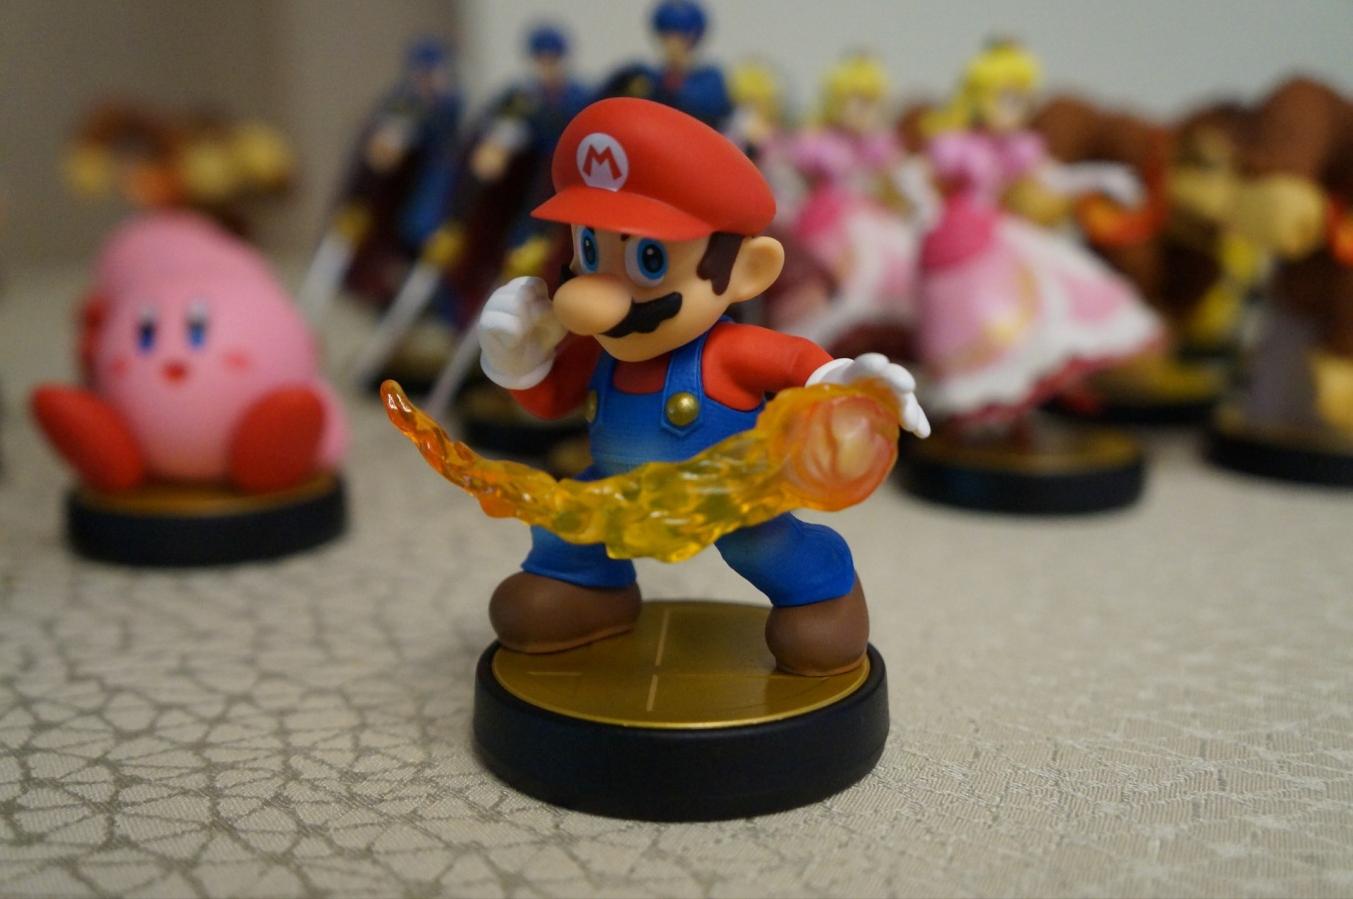 Mario amiibo commerciale